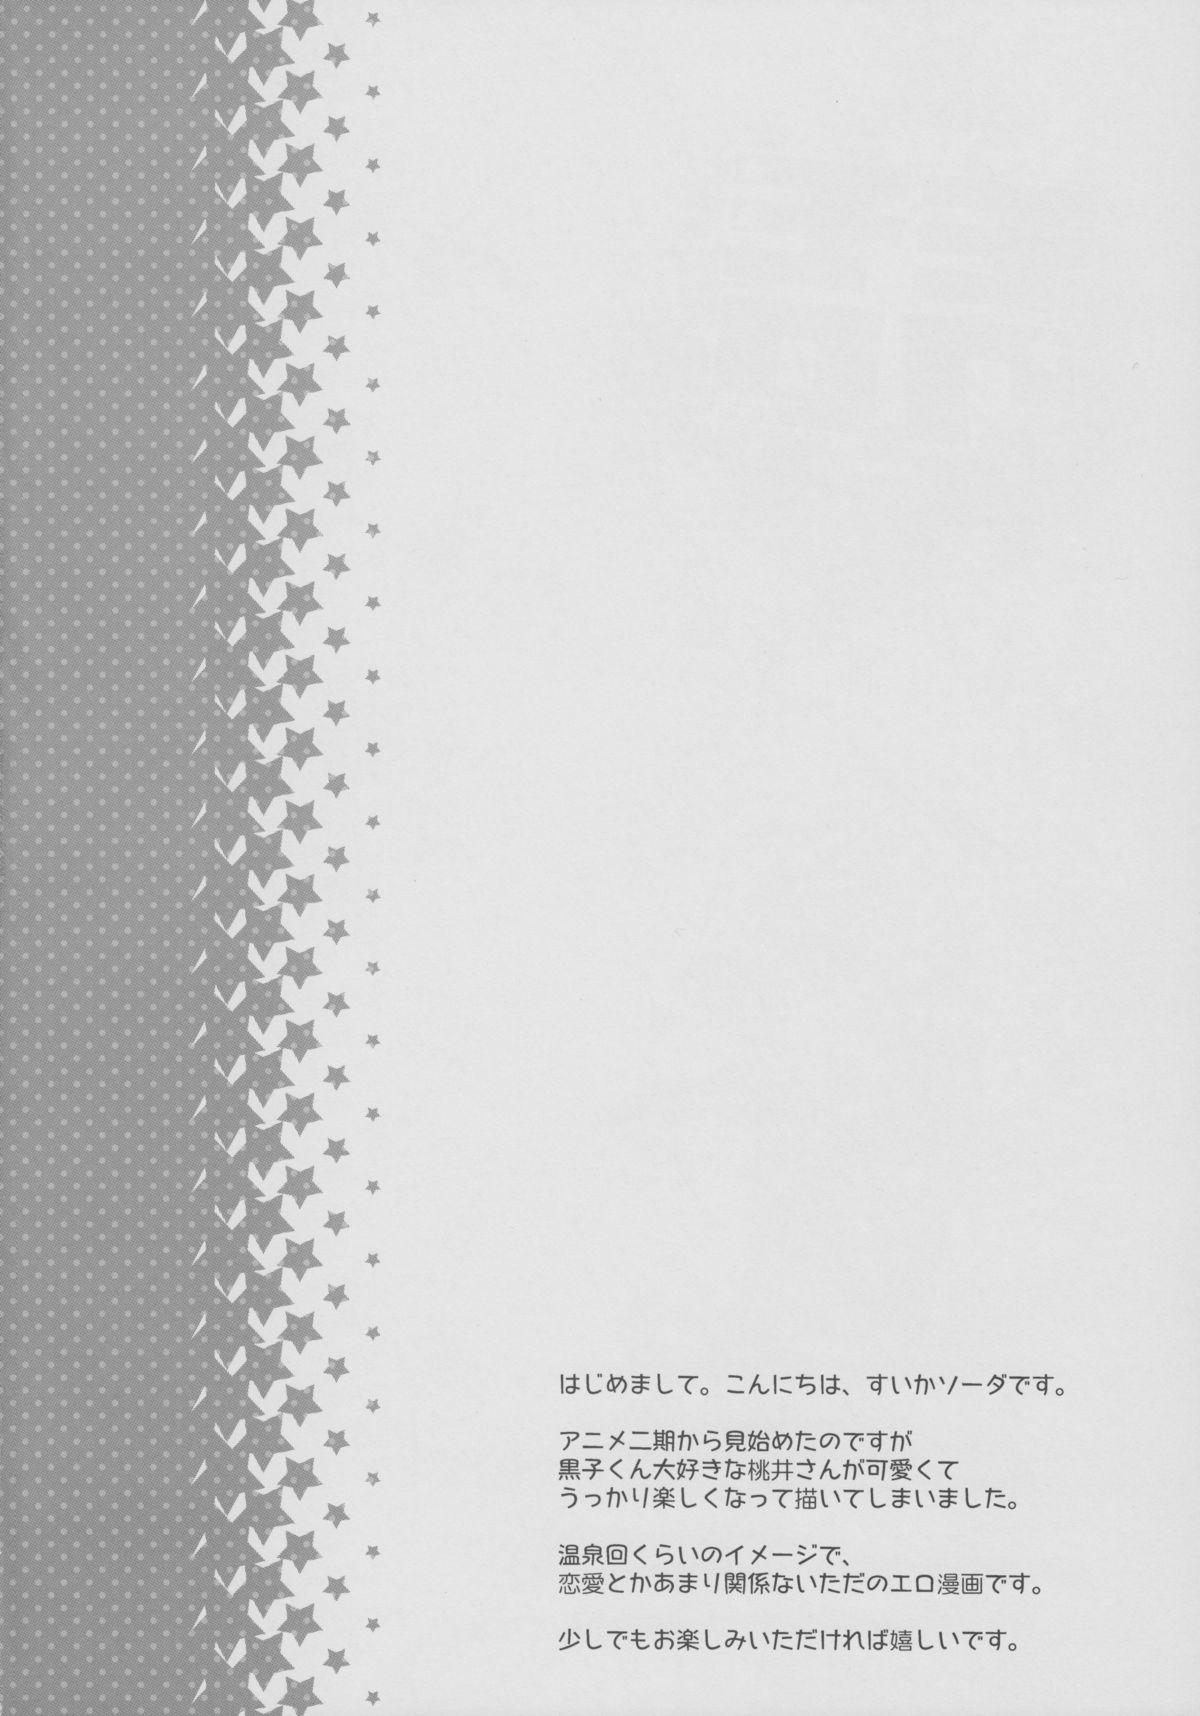 MomoKuro Ecchi 2